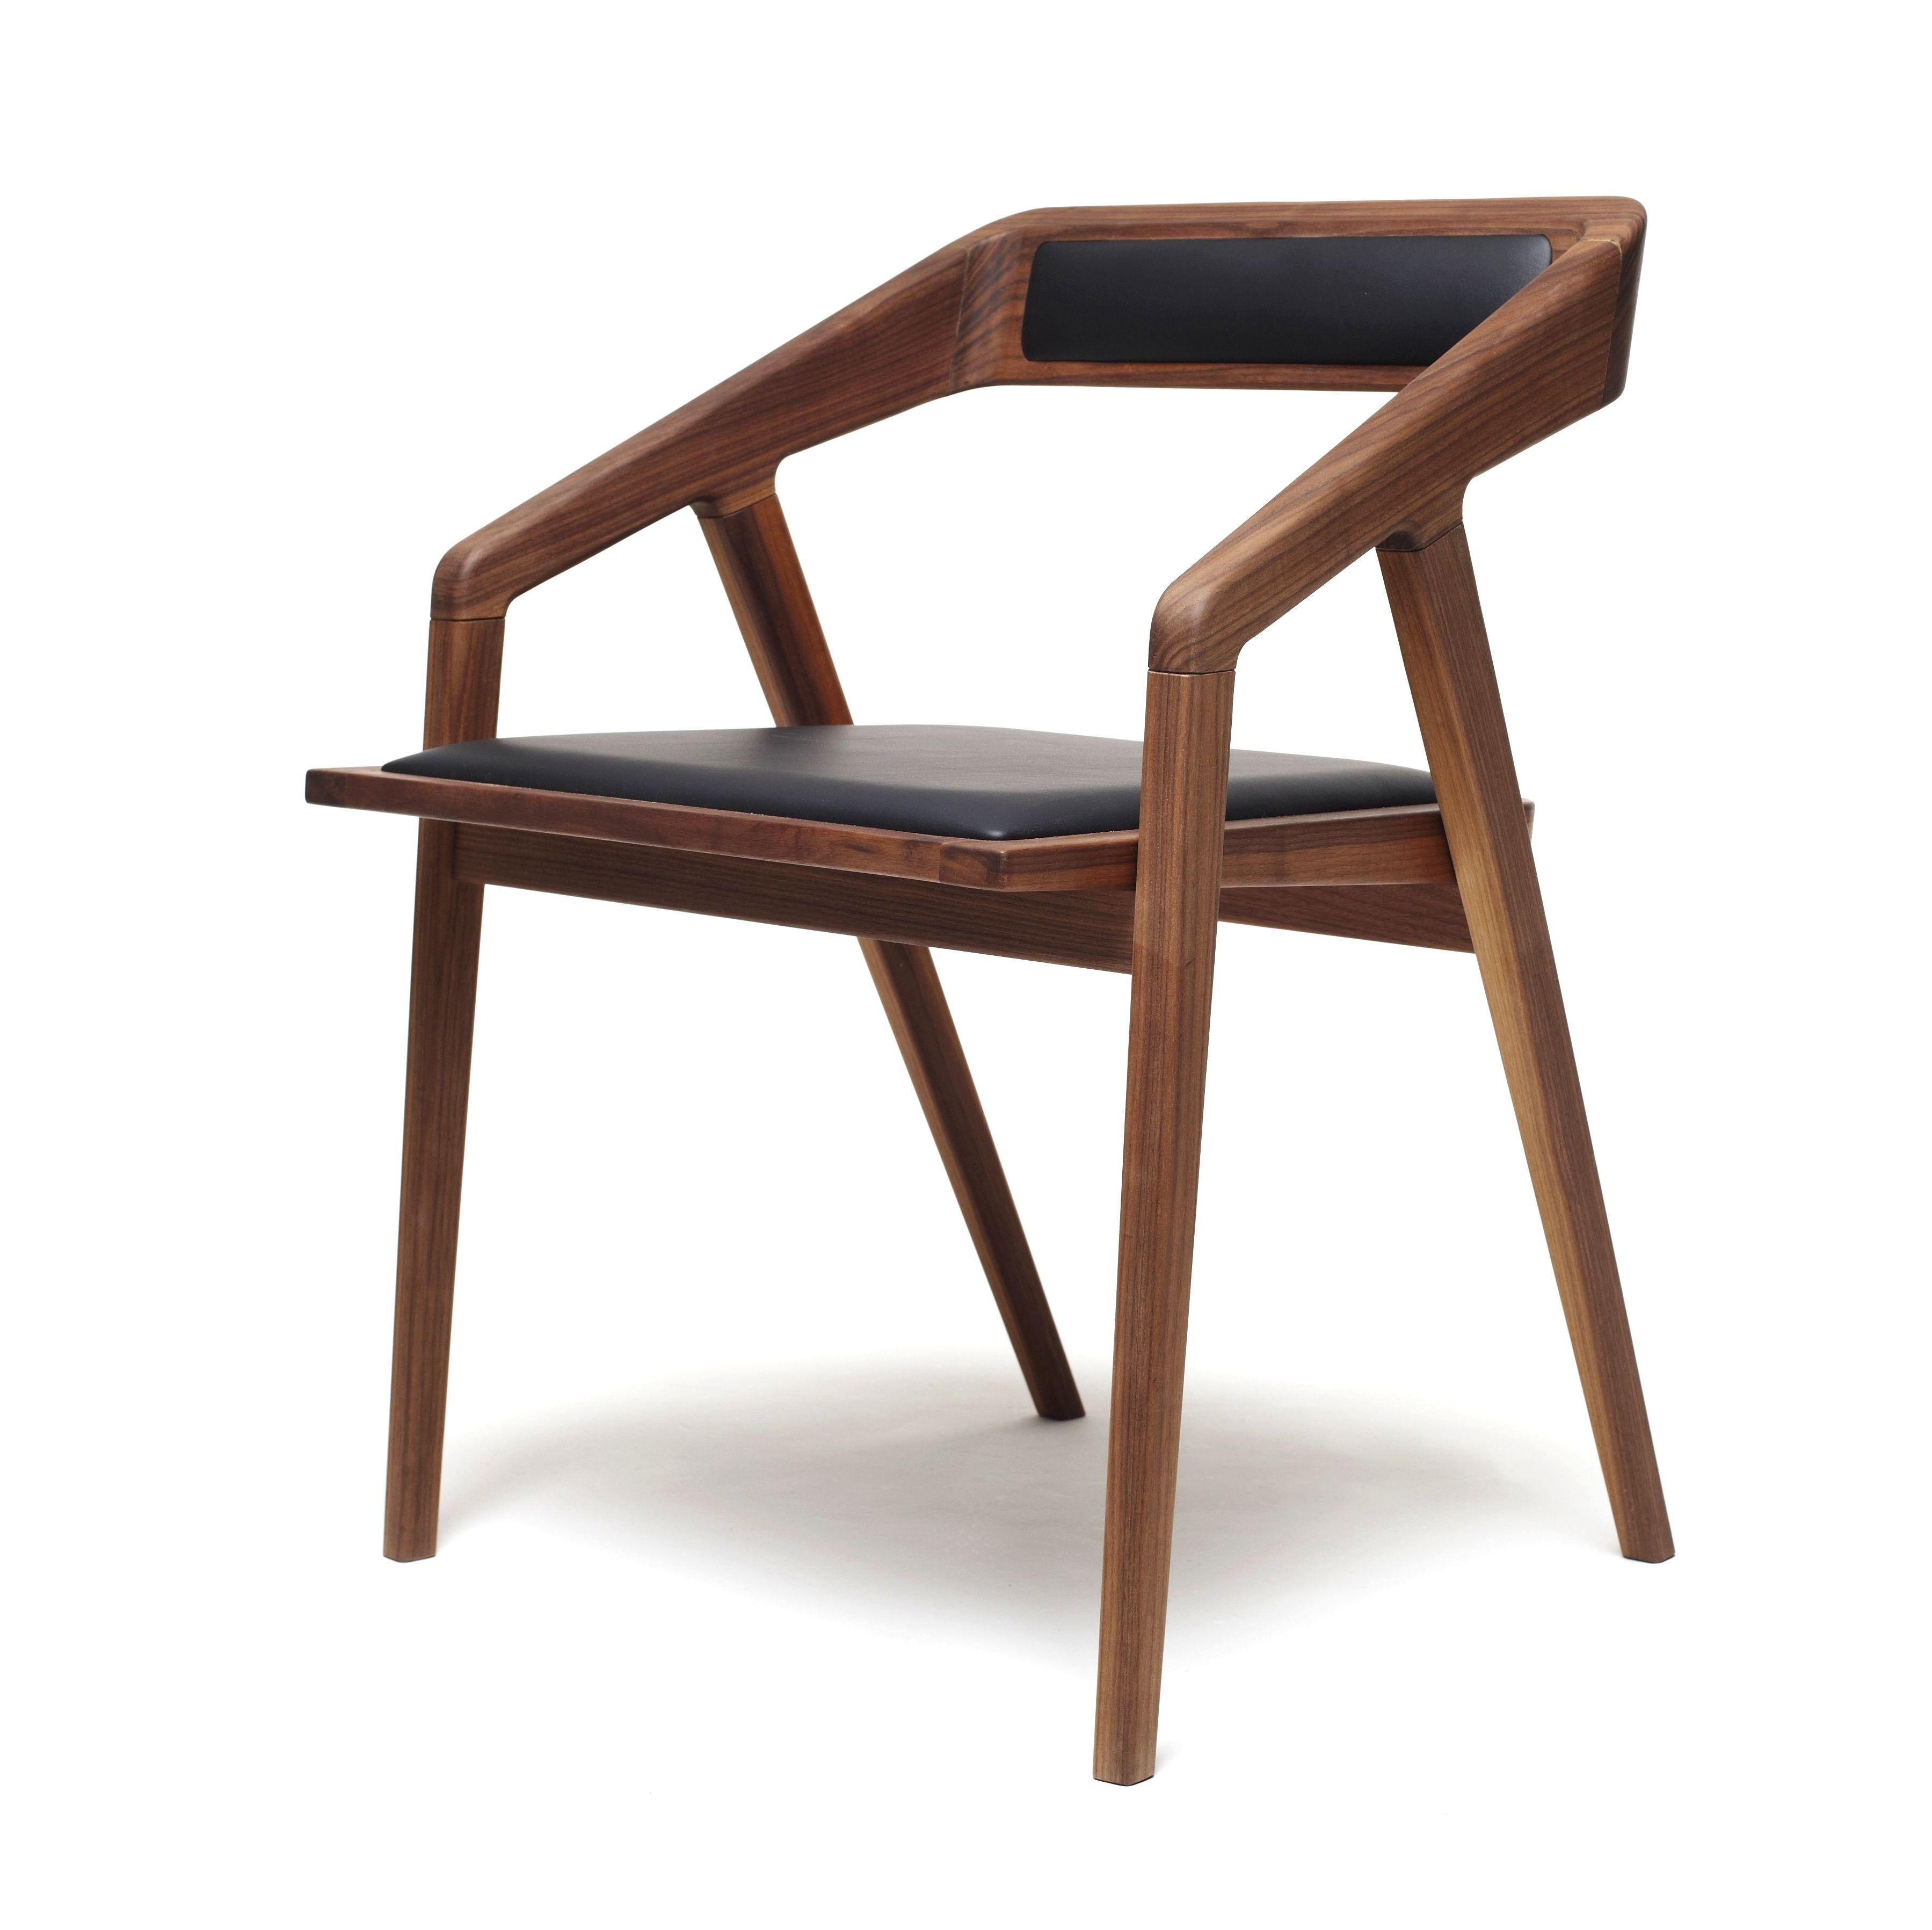 Katakana Chair By Dare Studio Design Sean Dare